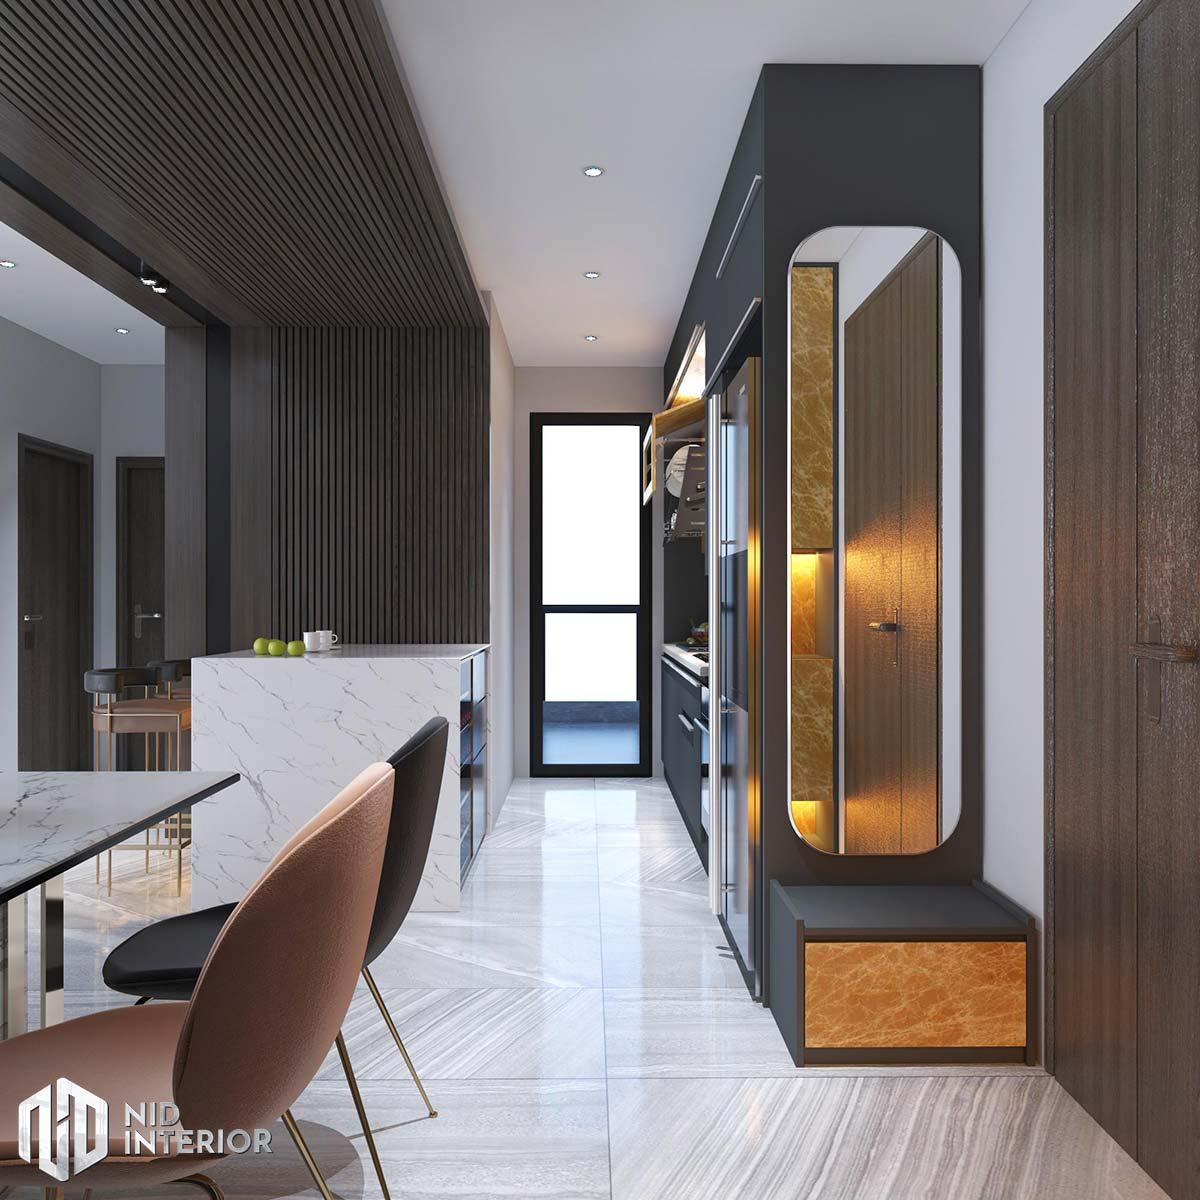 Thiết kế nội thất căn hộ The Grande Midtown - Bếp